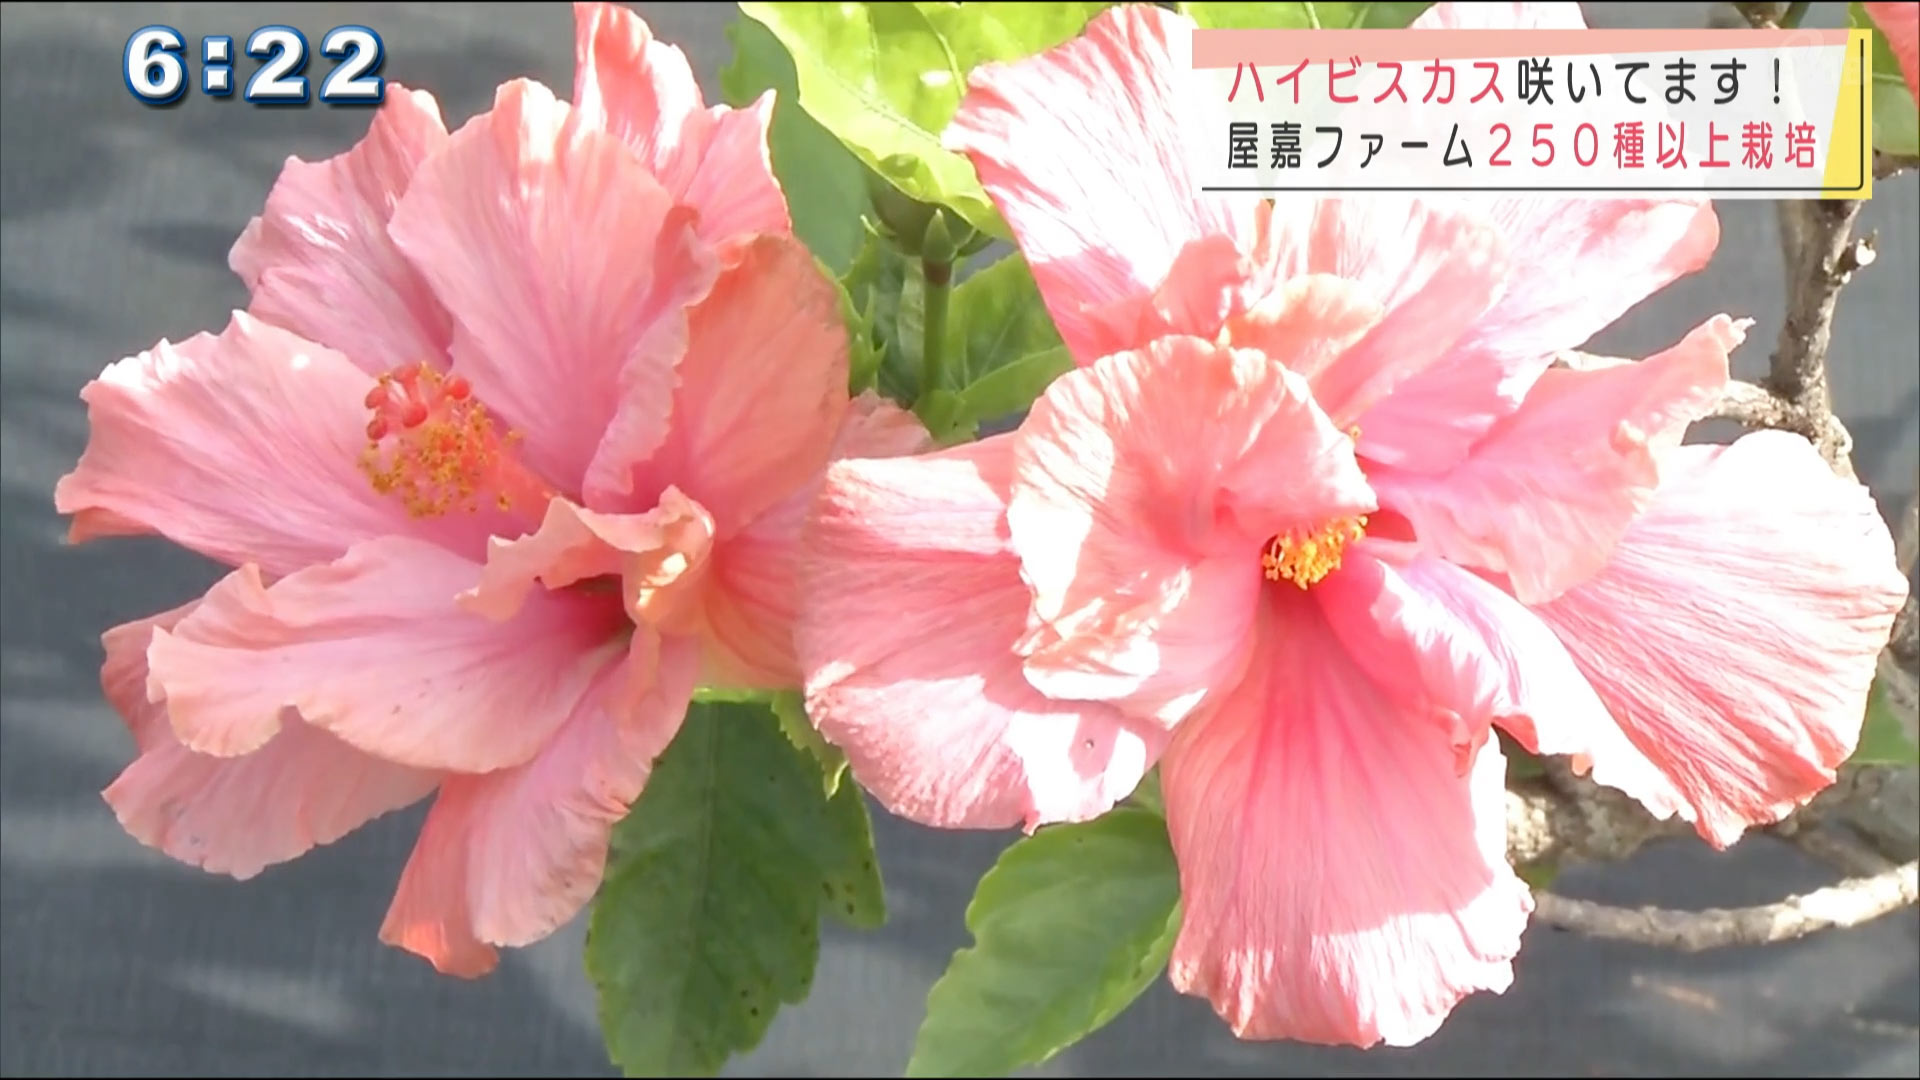 季節の草花「ハイビスカス」